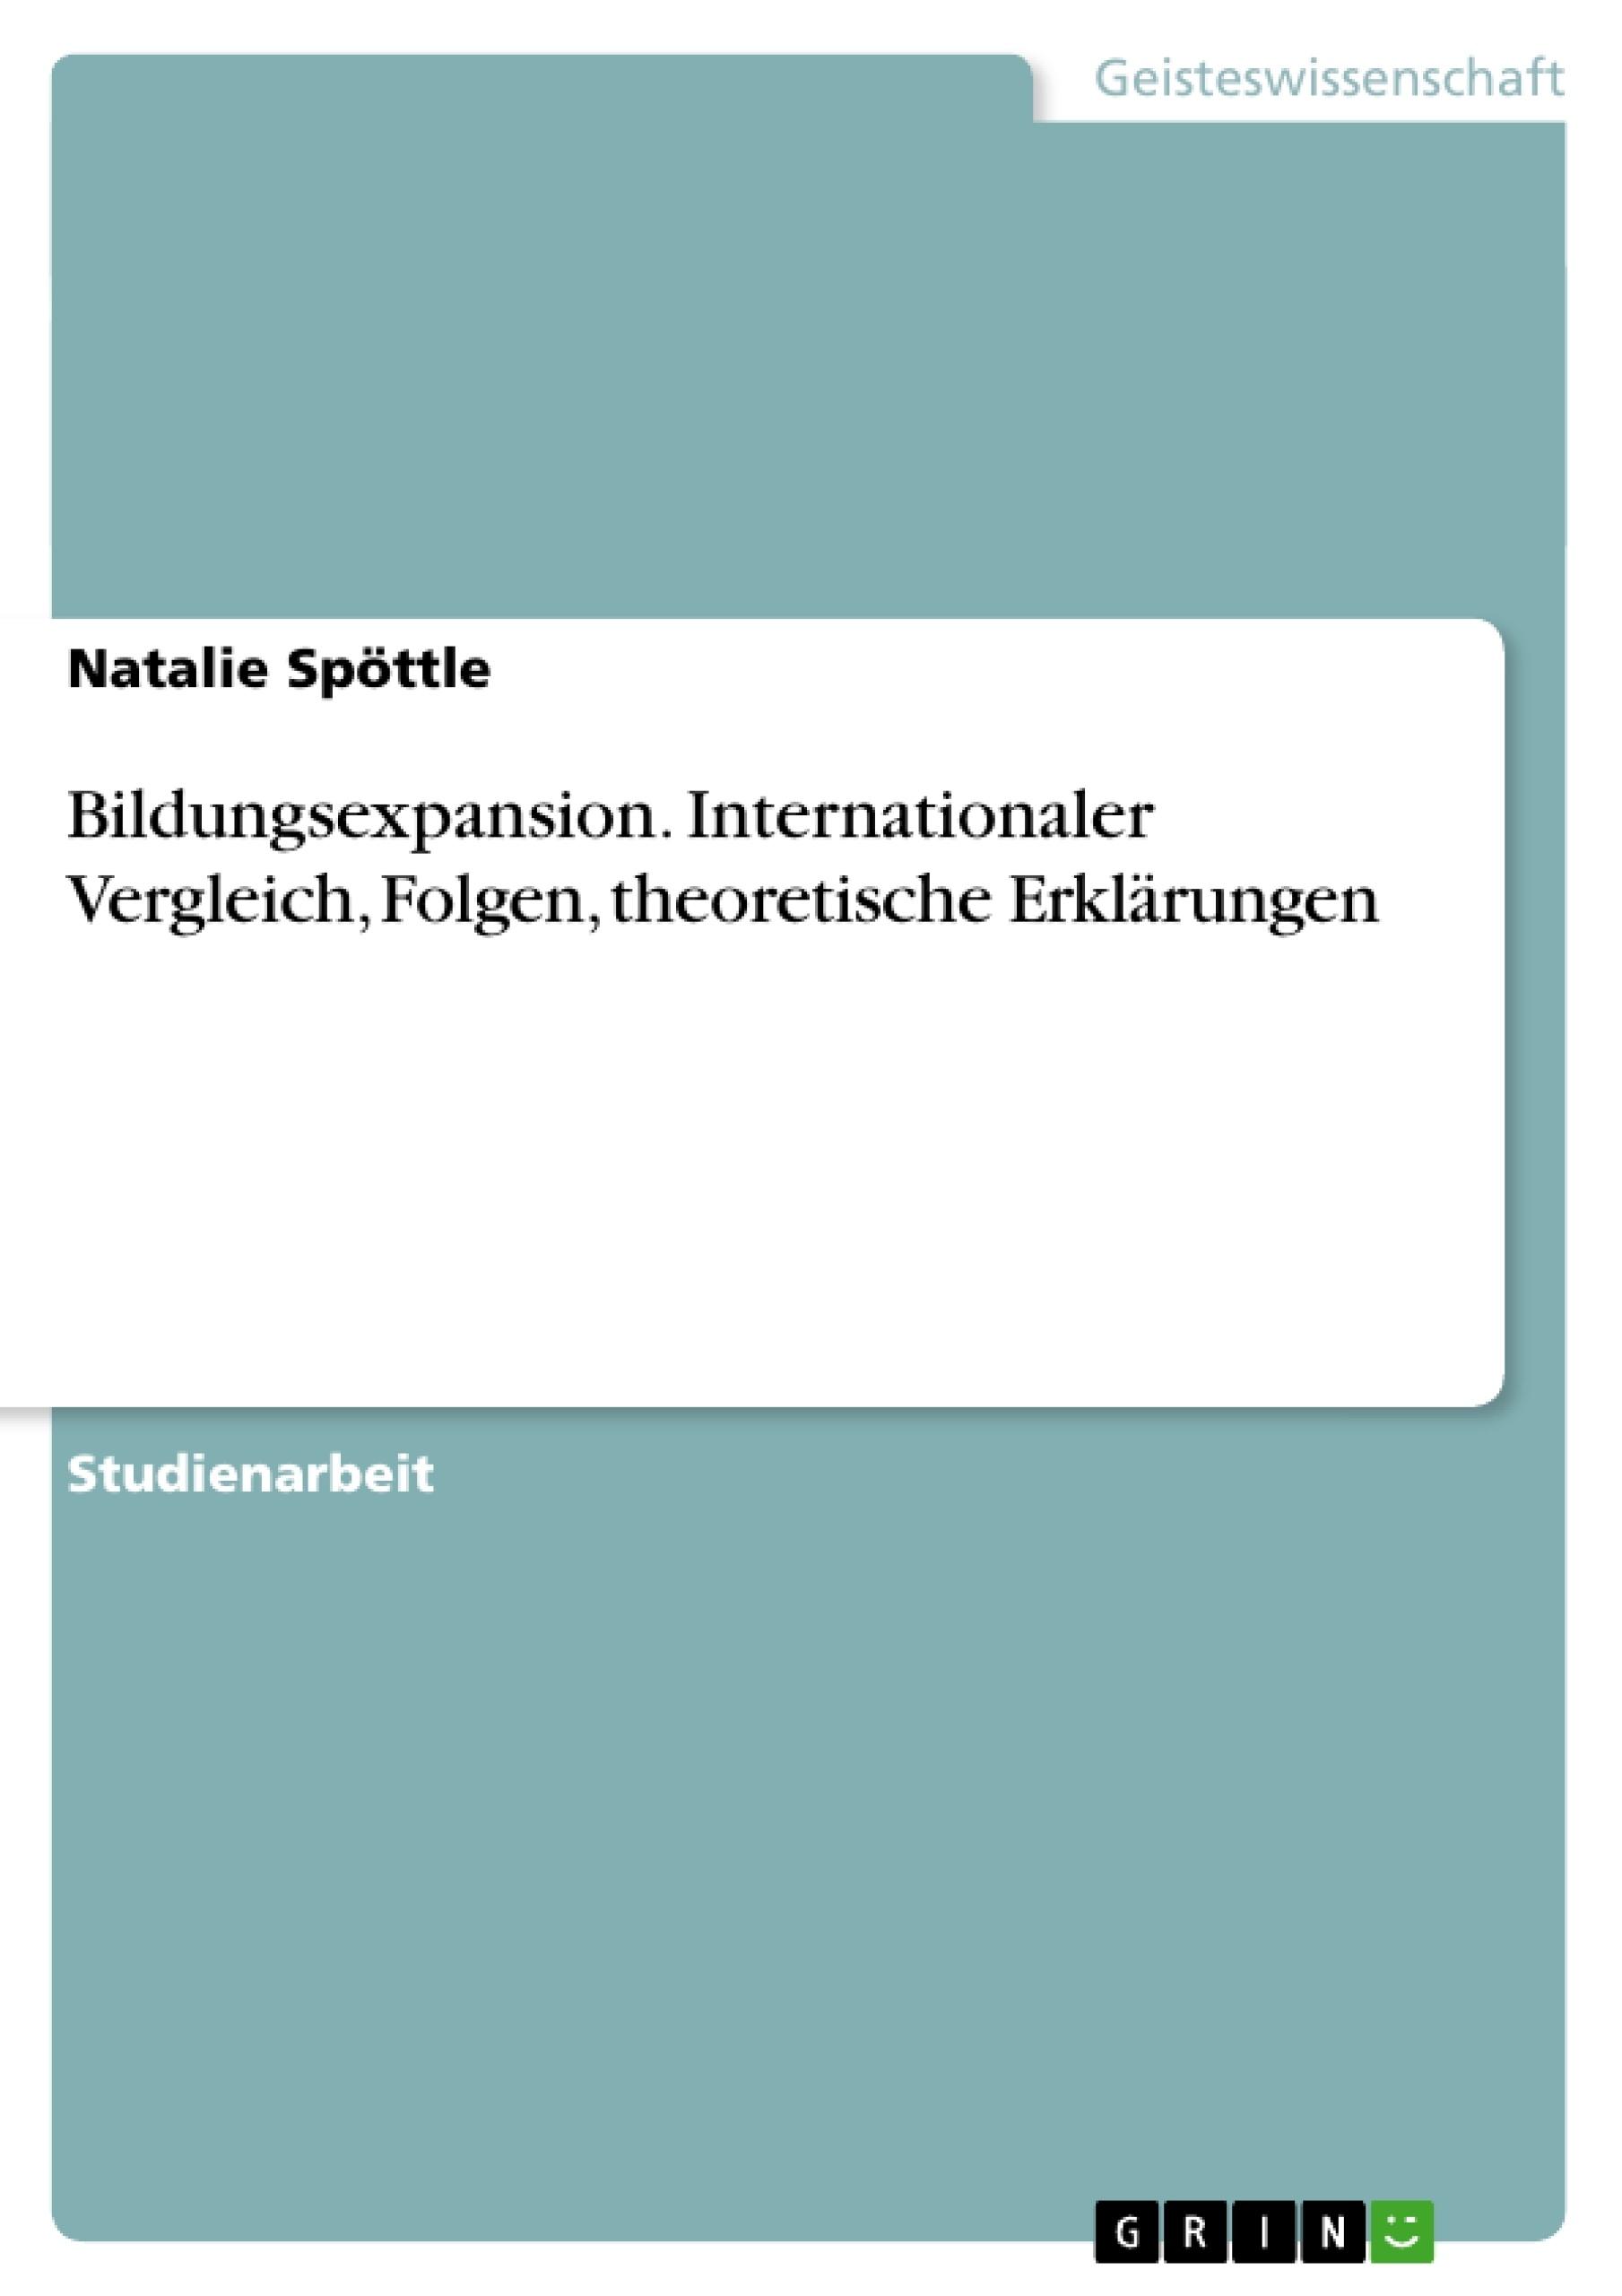 Titel: Bildungsexpansion. Internationaler Vergleich, Folgen, theoretische Erklärungen